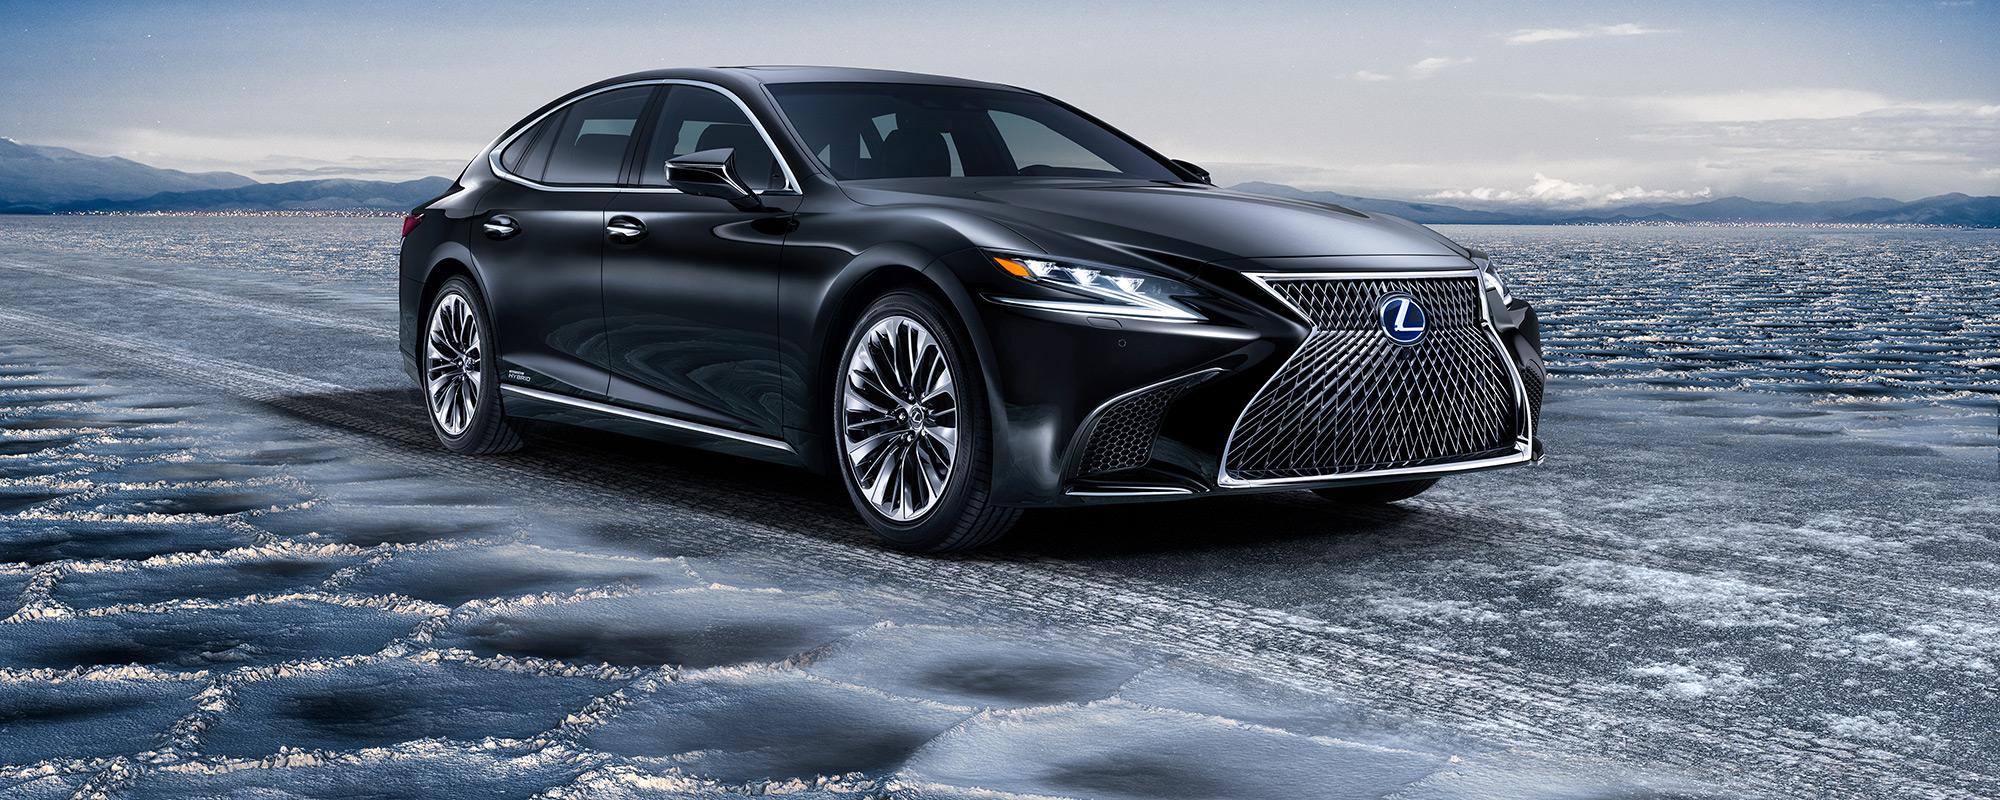 Lexus toont in Genève ultieme luxury én een pure raceauto